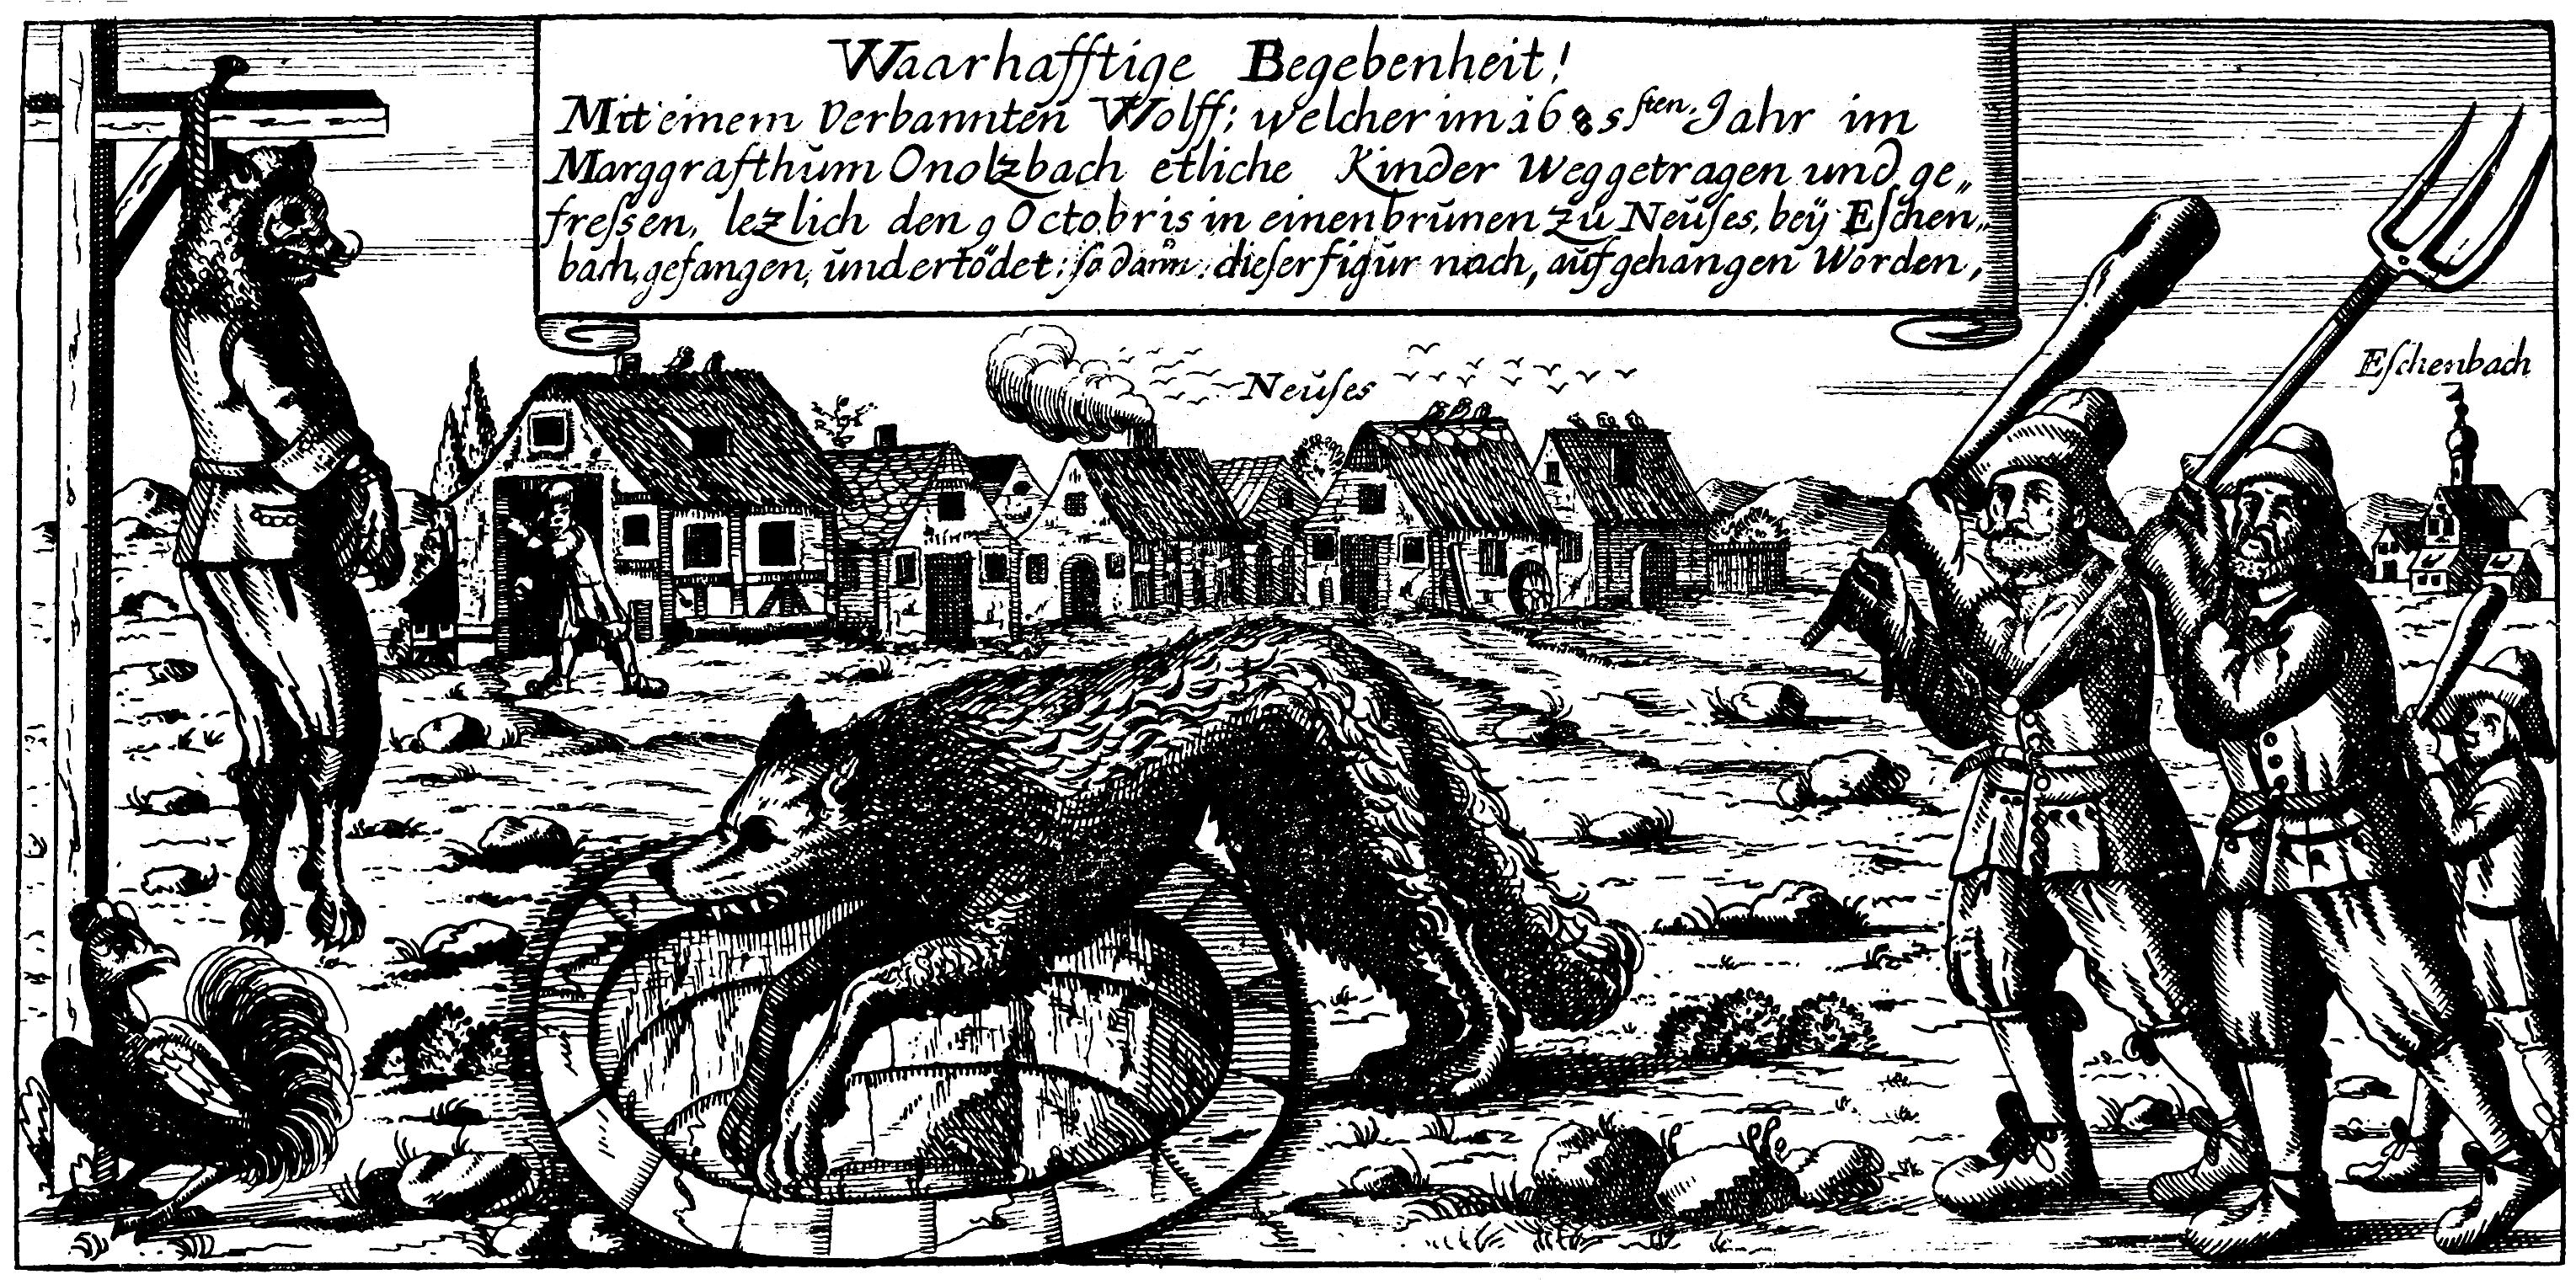 Kết quả hình ảnh cho werewolf wikimedia commons